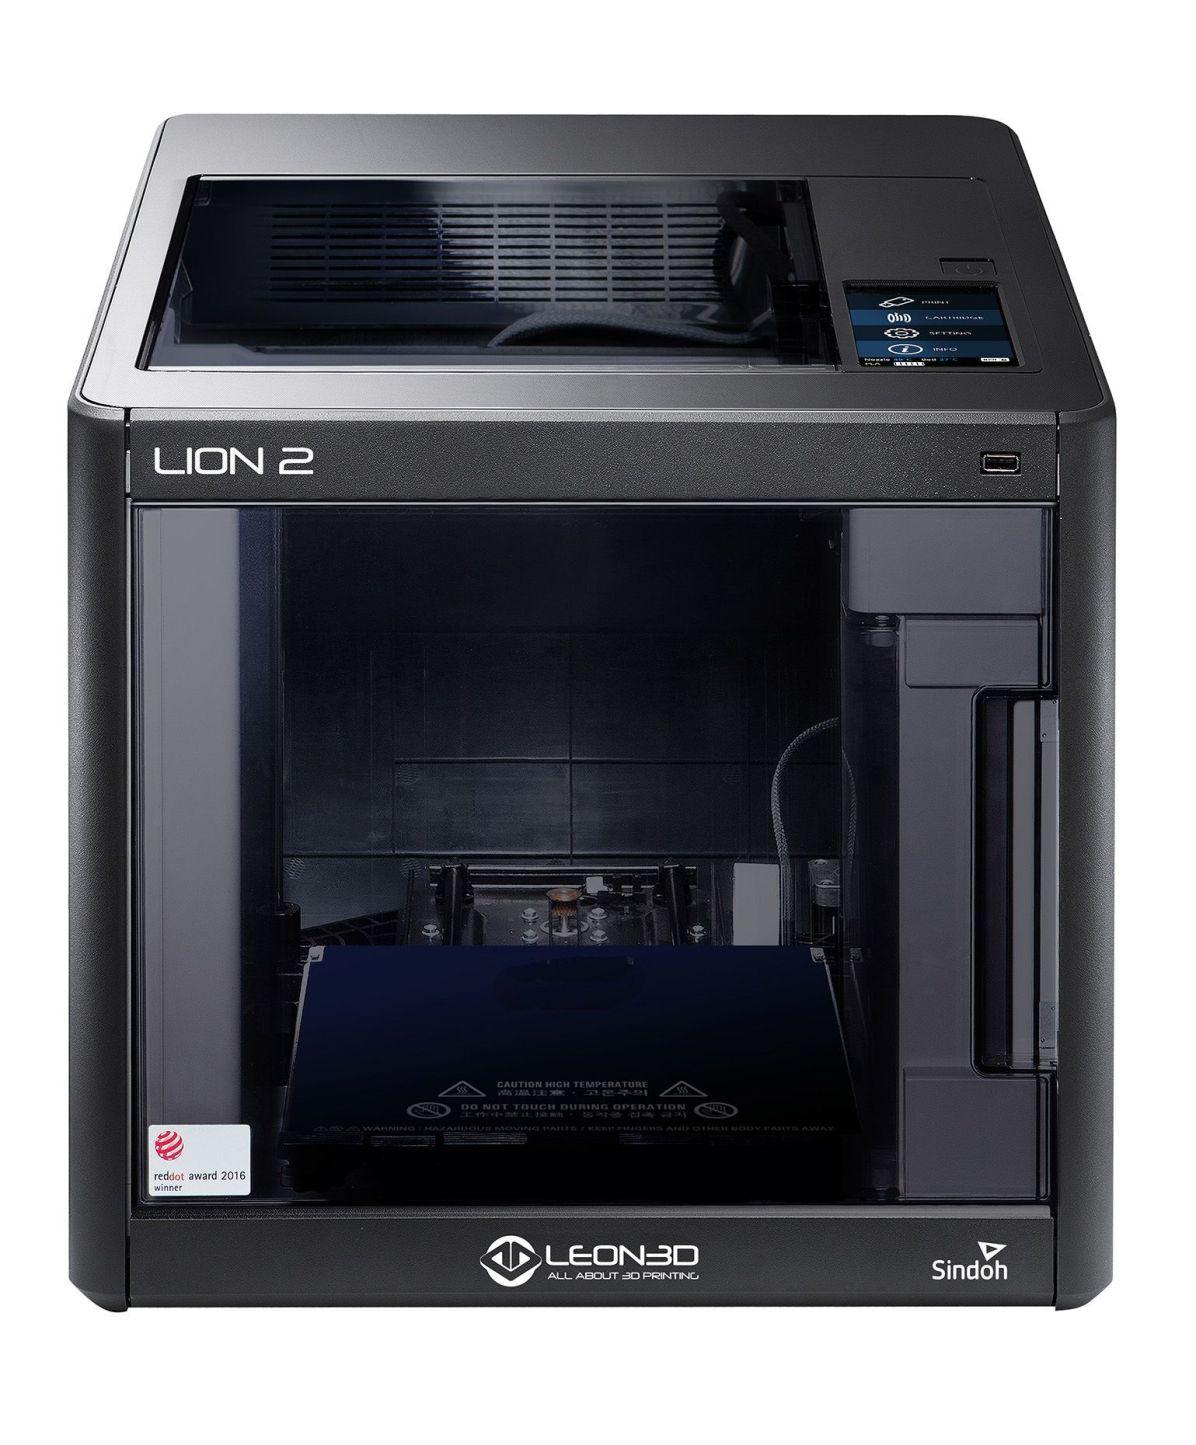 LEON3D - LION2